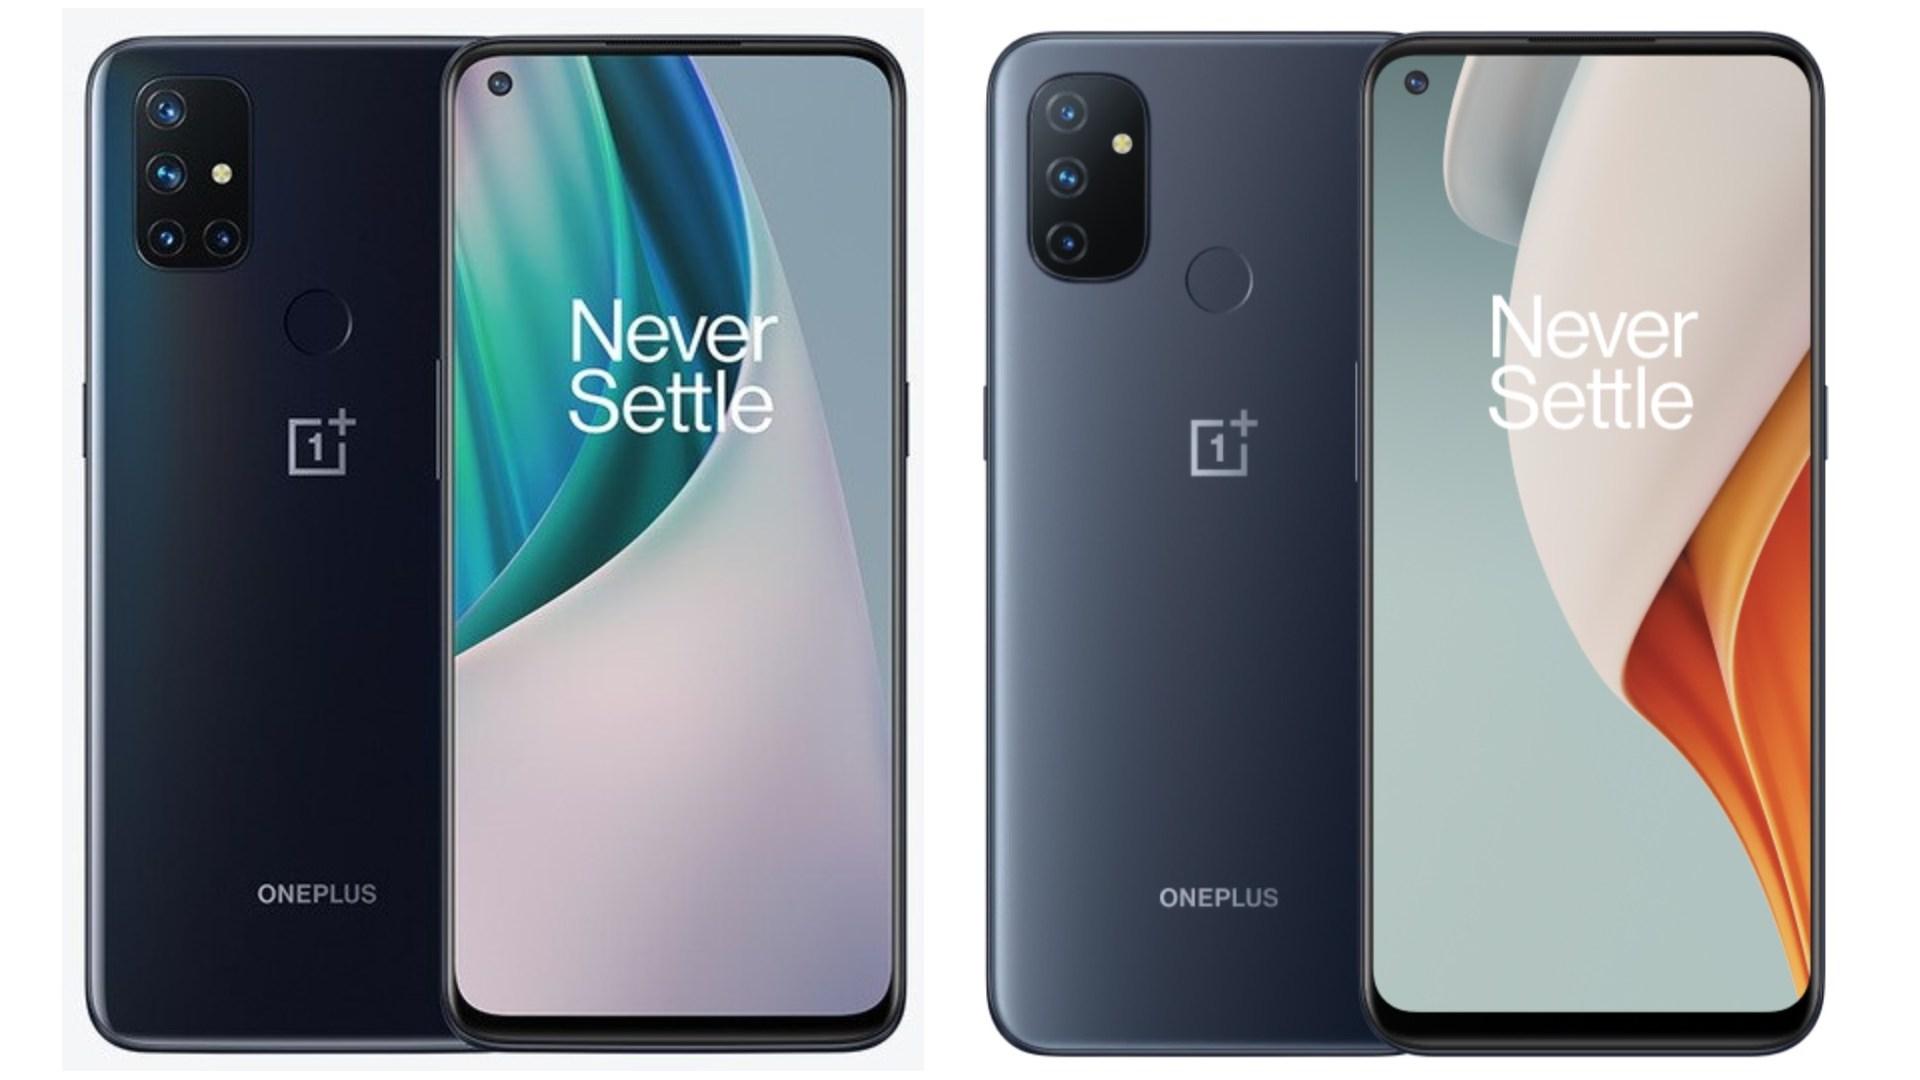 Smartphone, OnePlus, OnePlus N10, OnePlus N100